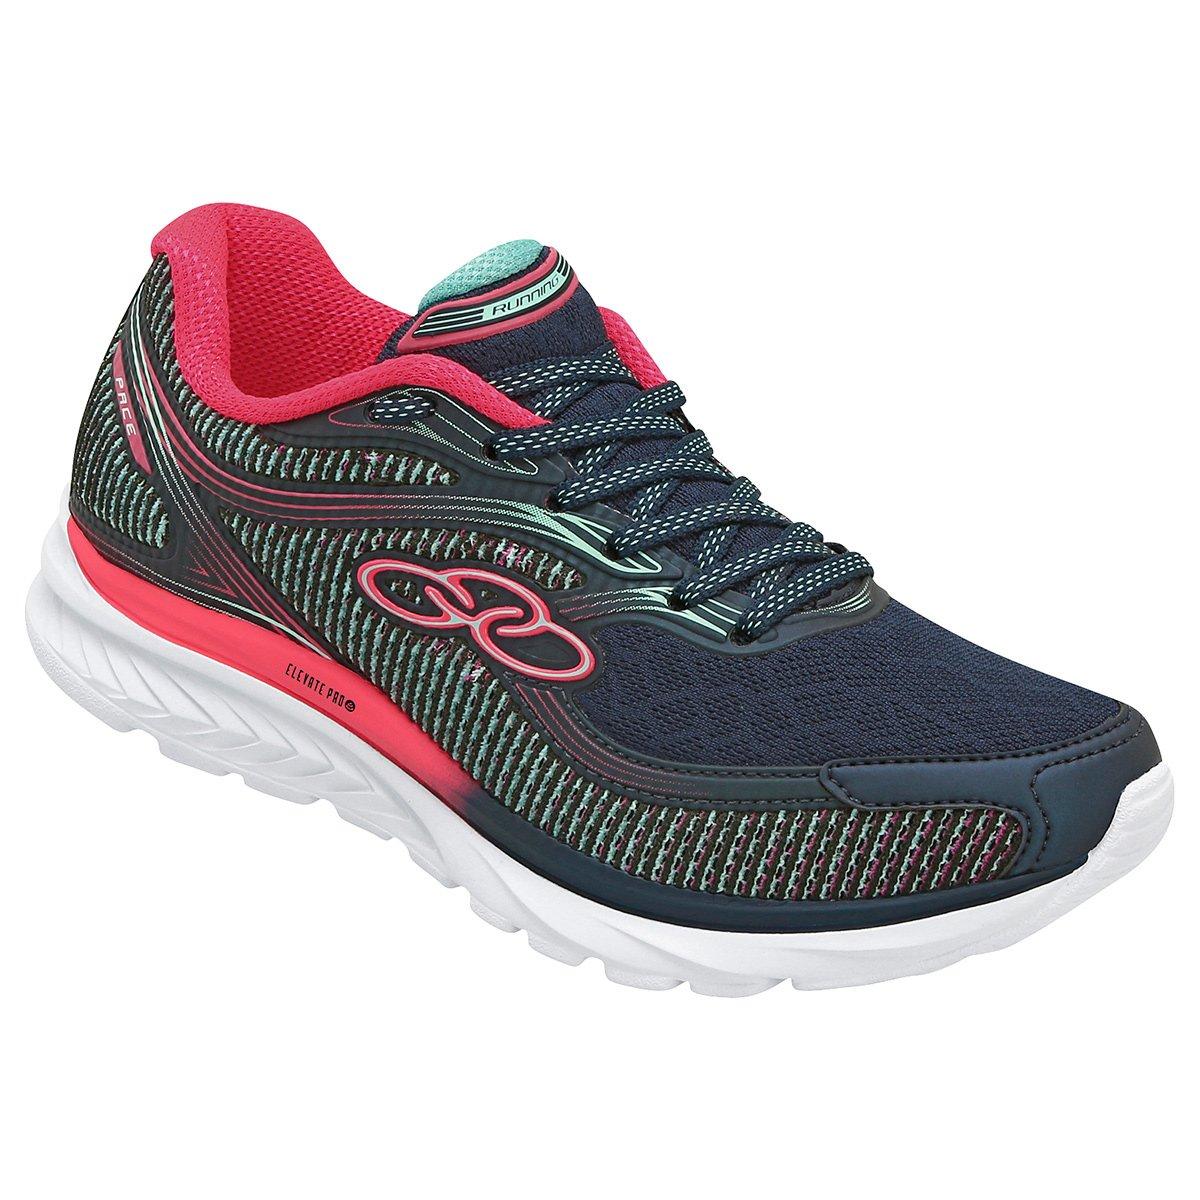 29f7e04a4b9 Tênis Olympikus Pace Feminino - Compre Agora